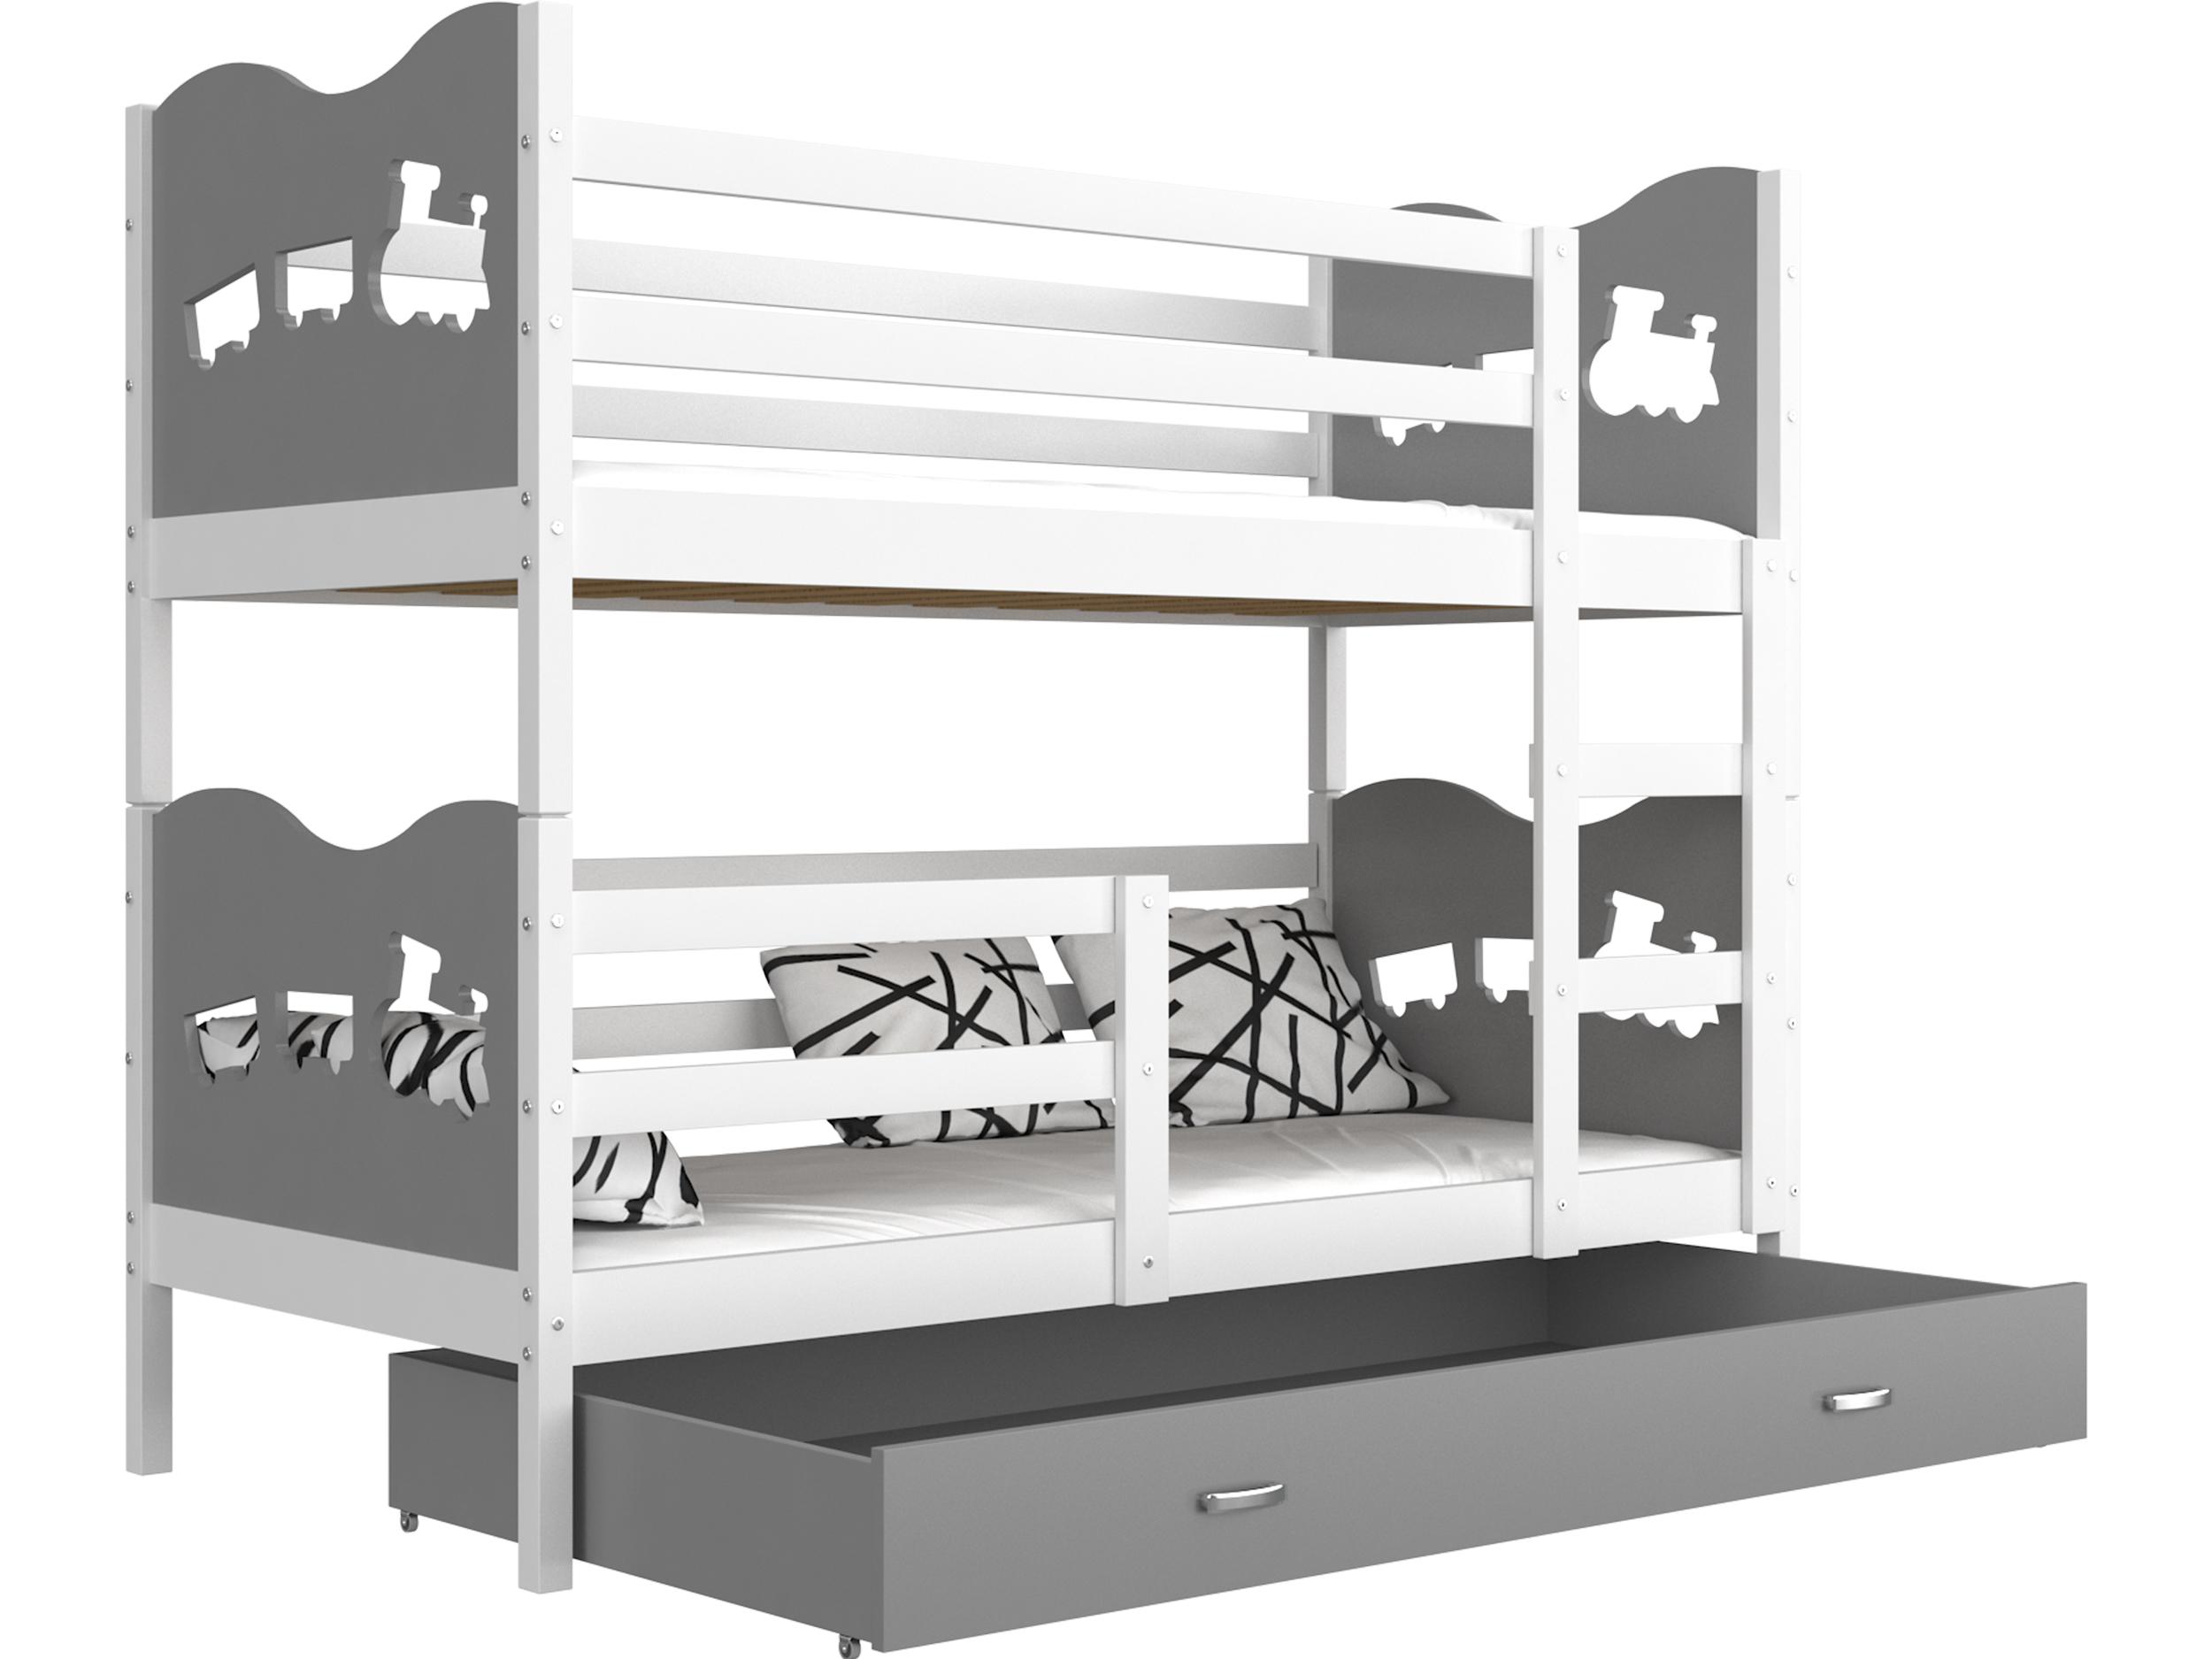 ArtAJ Detská poschodová posteľ MAX / MDF 200 x 90 cm Farba: biela / sivá, s matracom 200 x 90 cm